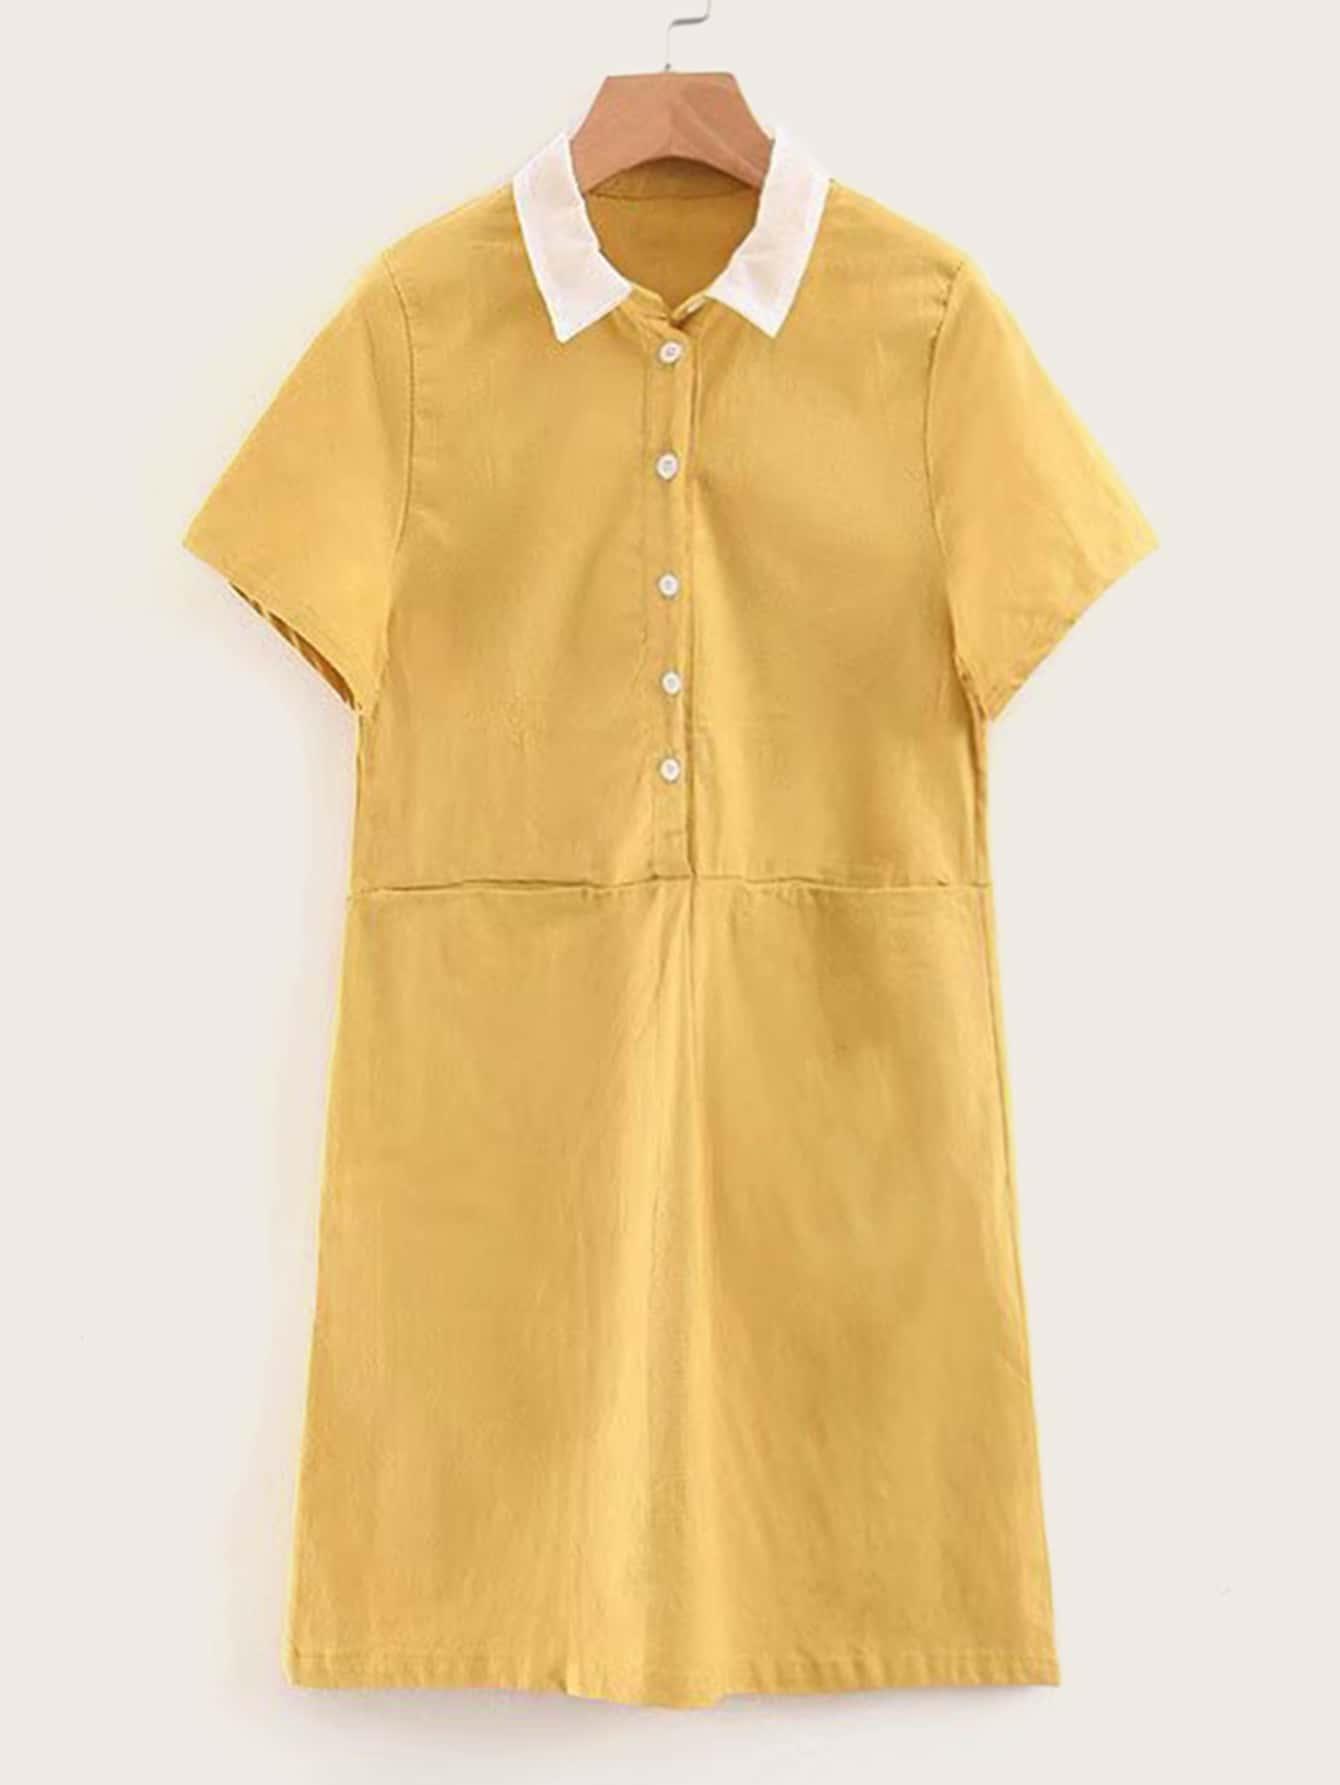 Фото - Платье-рубашка с пуговицами и контрастным воротником от SheIn цвет жёлтые